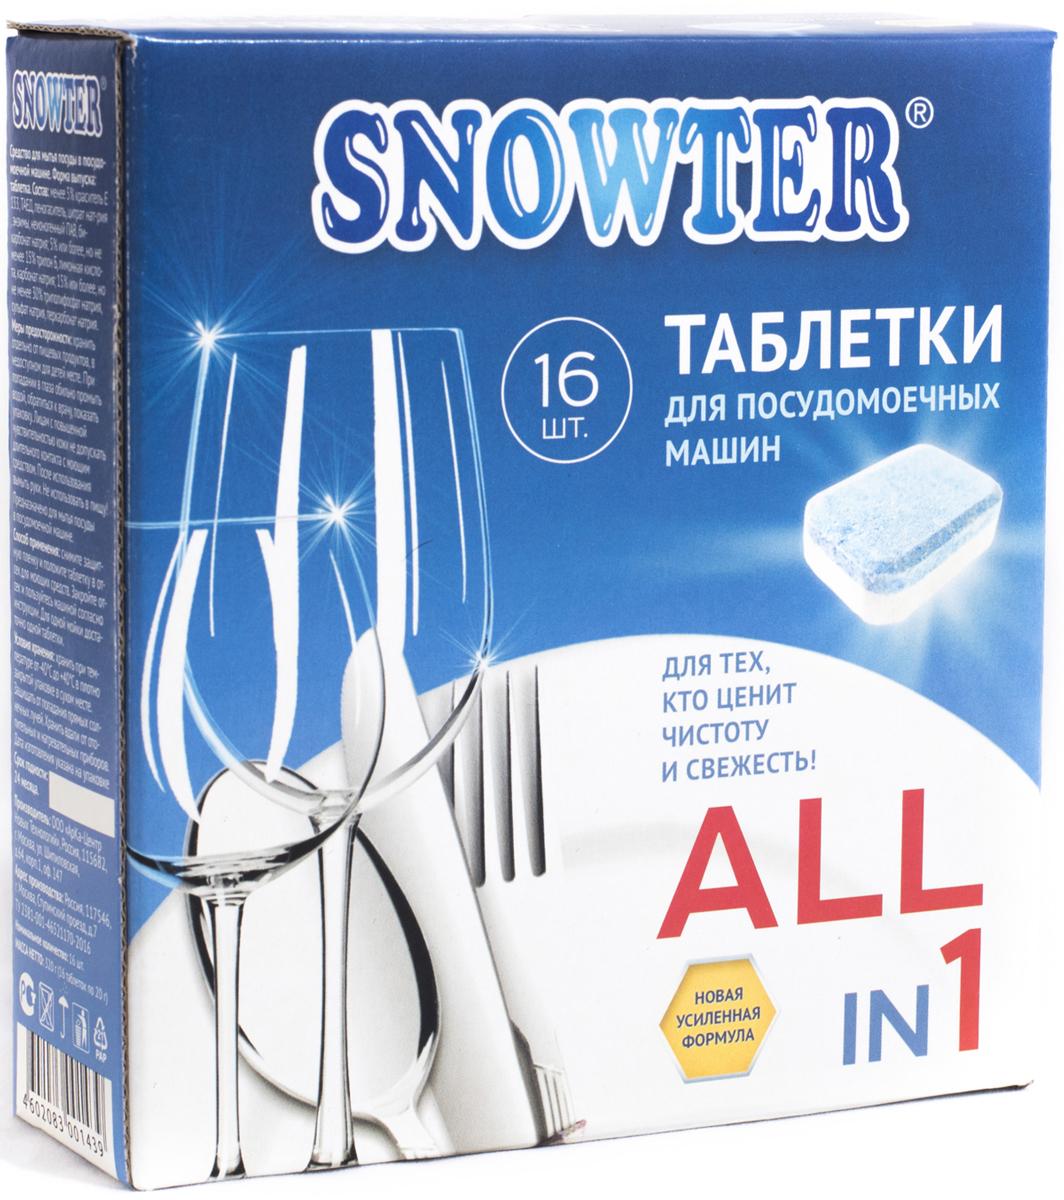 """Таблетки для посудомоечных машин Snowter """"5 в 1"""", 16 шт x 20 г"""